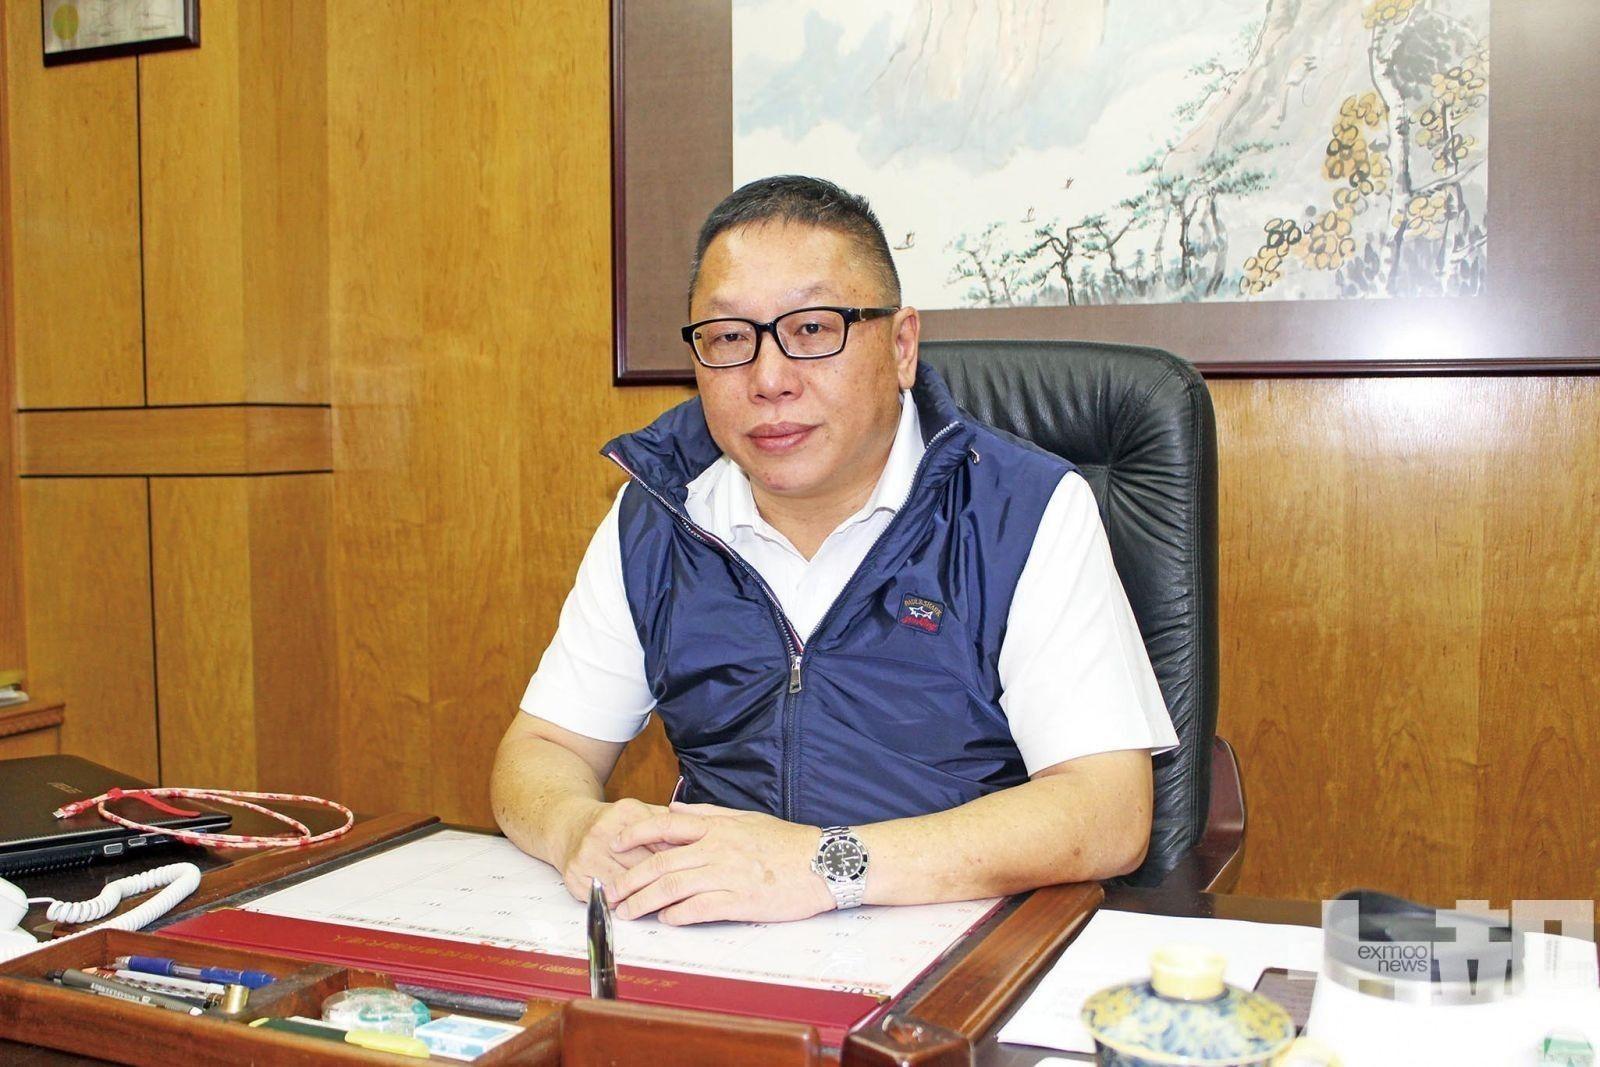 旅遊業:冀廣東率先恢復自由行「網簽」